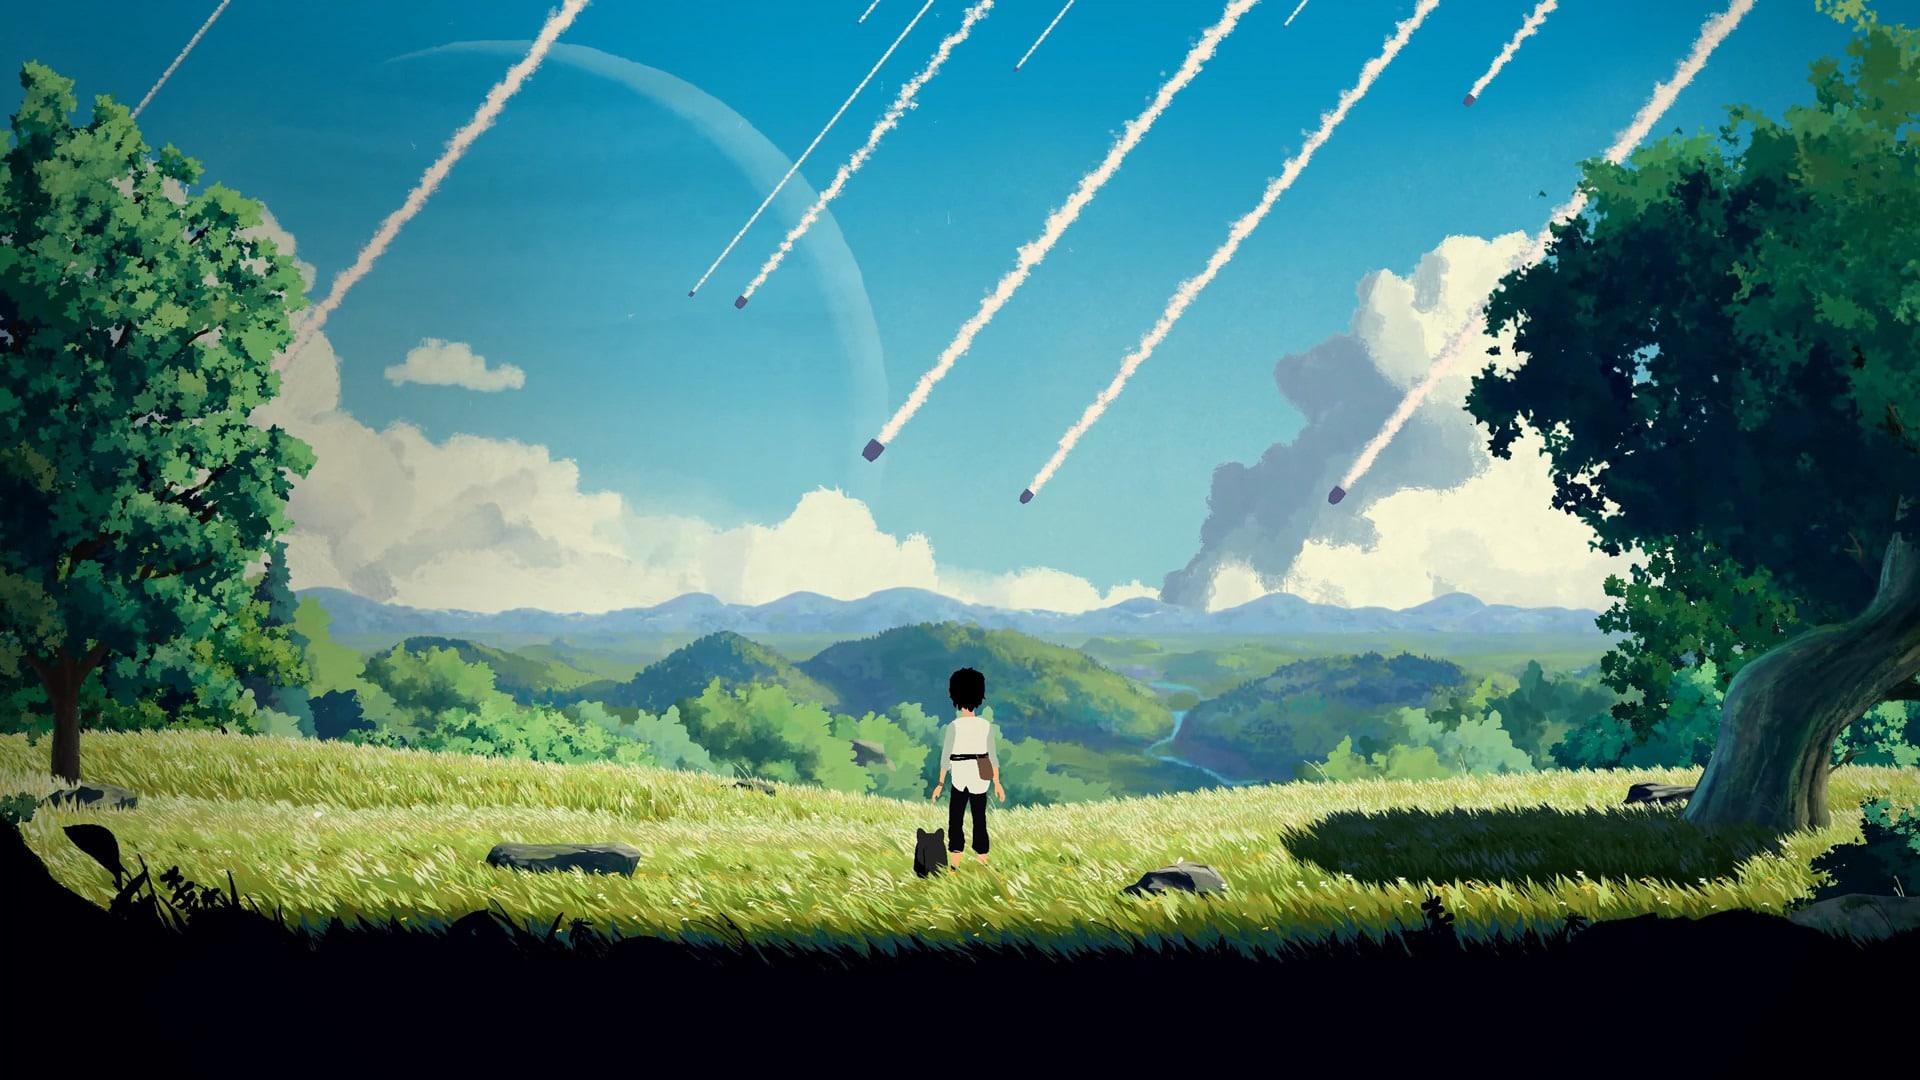 Planet of Lana - Gameplay